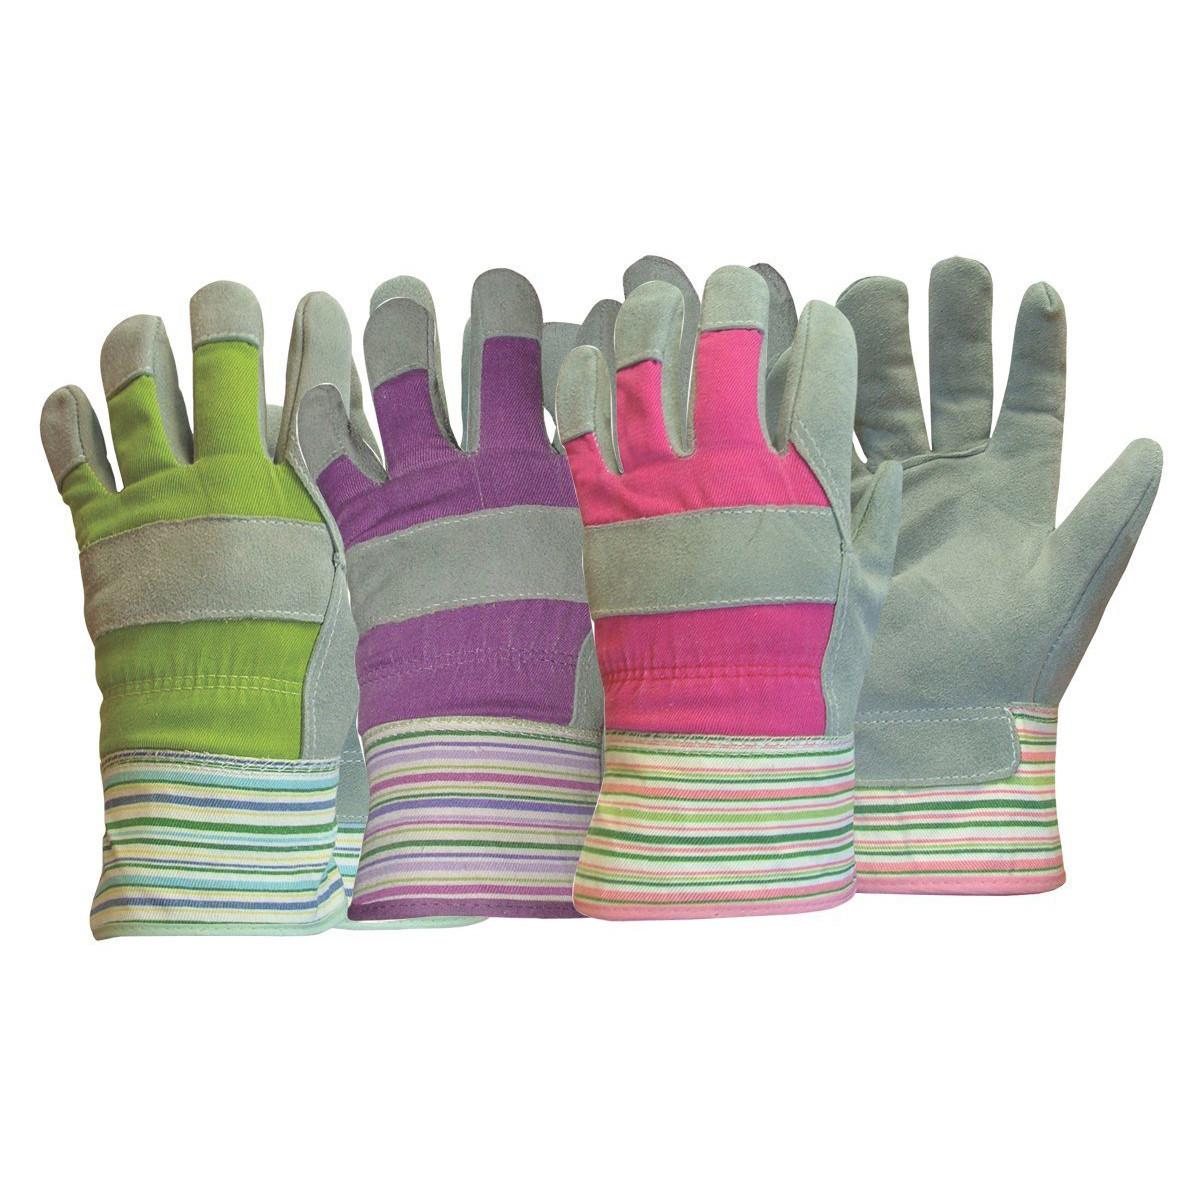 Ladies Leather Palm Garden Gloves